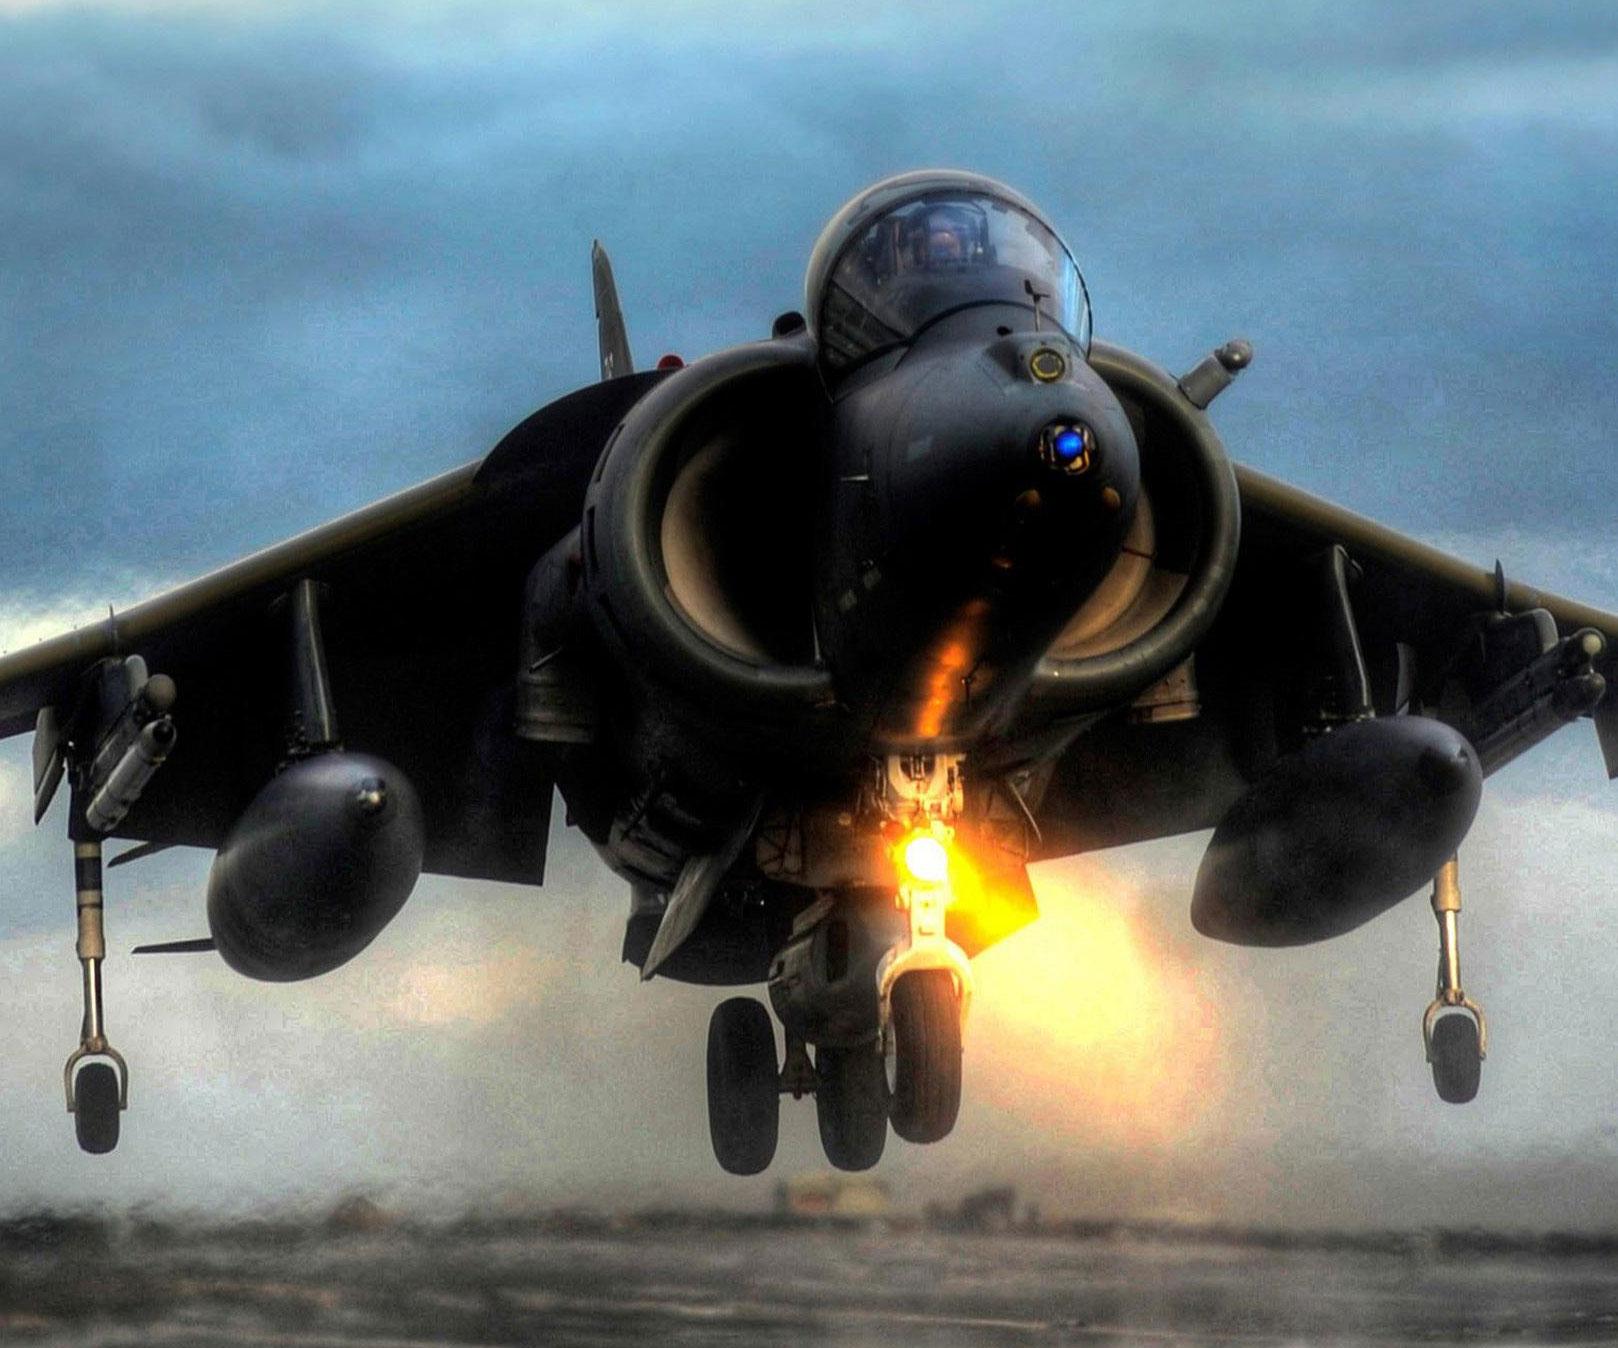 Sea Harrier Fighter Jet